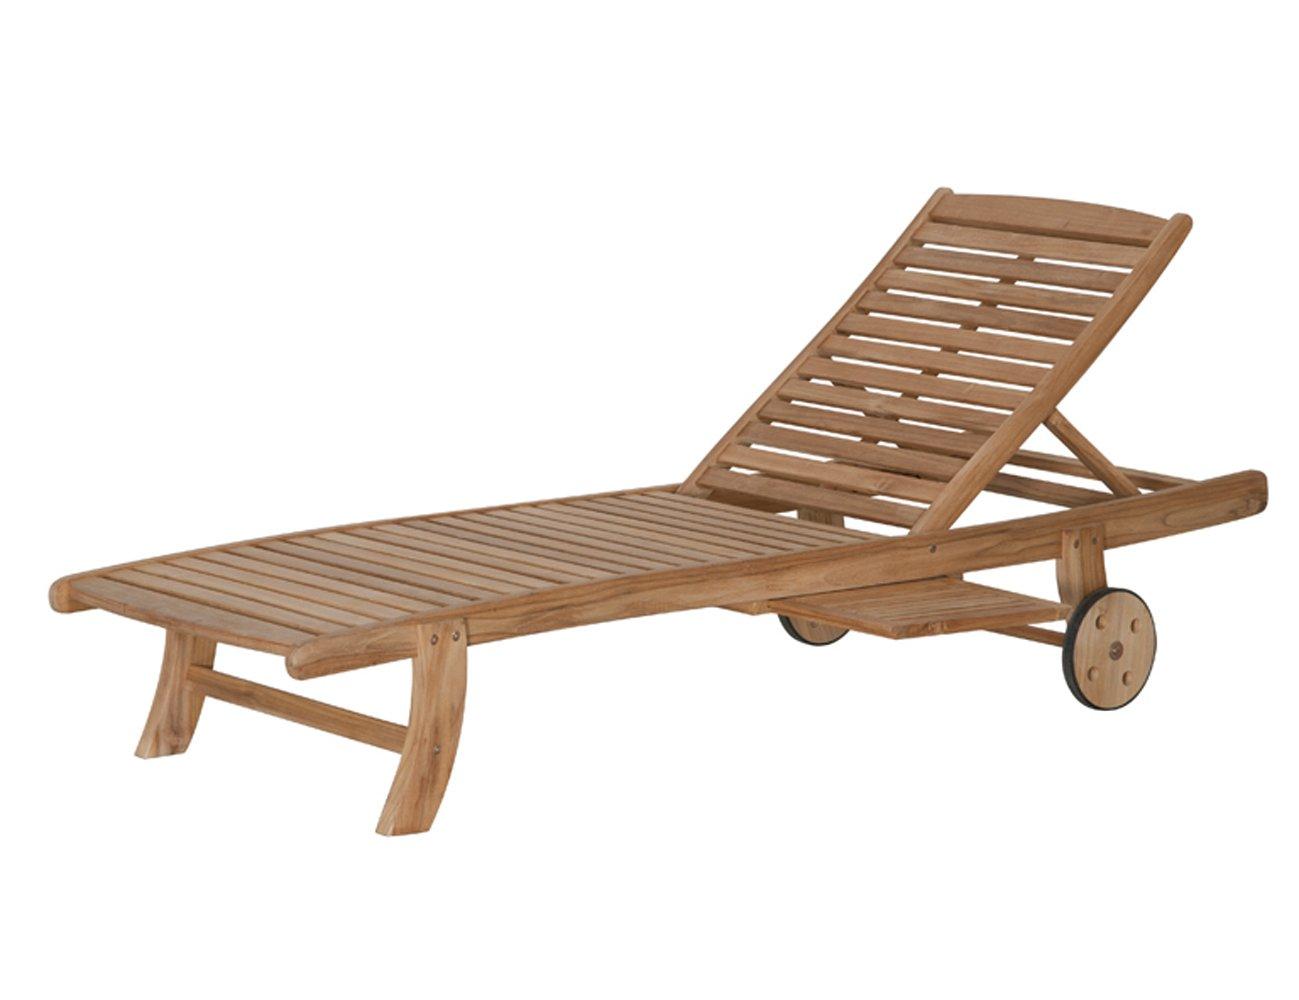 siena garden 672888 rollliege newport teak mit ablage l 197 x b 71 x h 91 cm kaufen. Black Bedroom Furniture Sets. Home Design Ideas